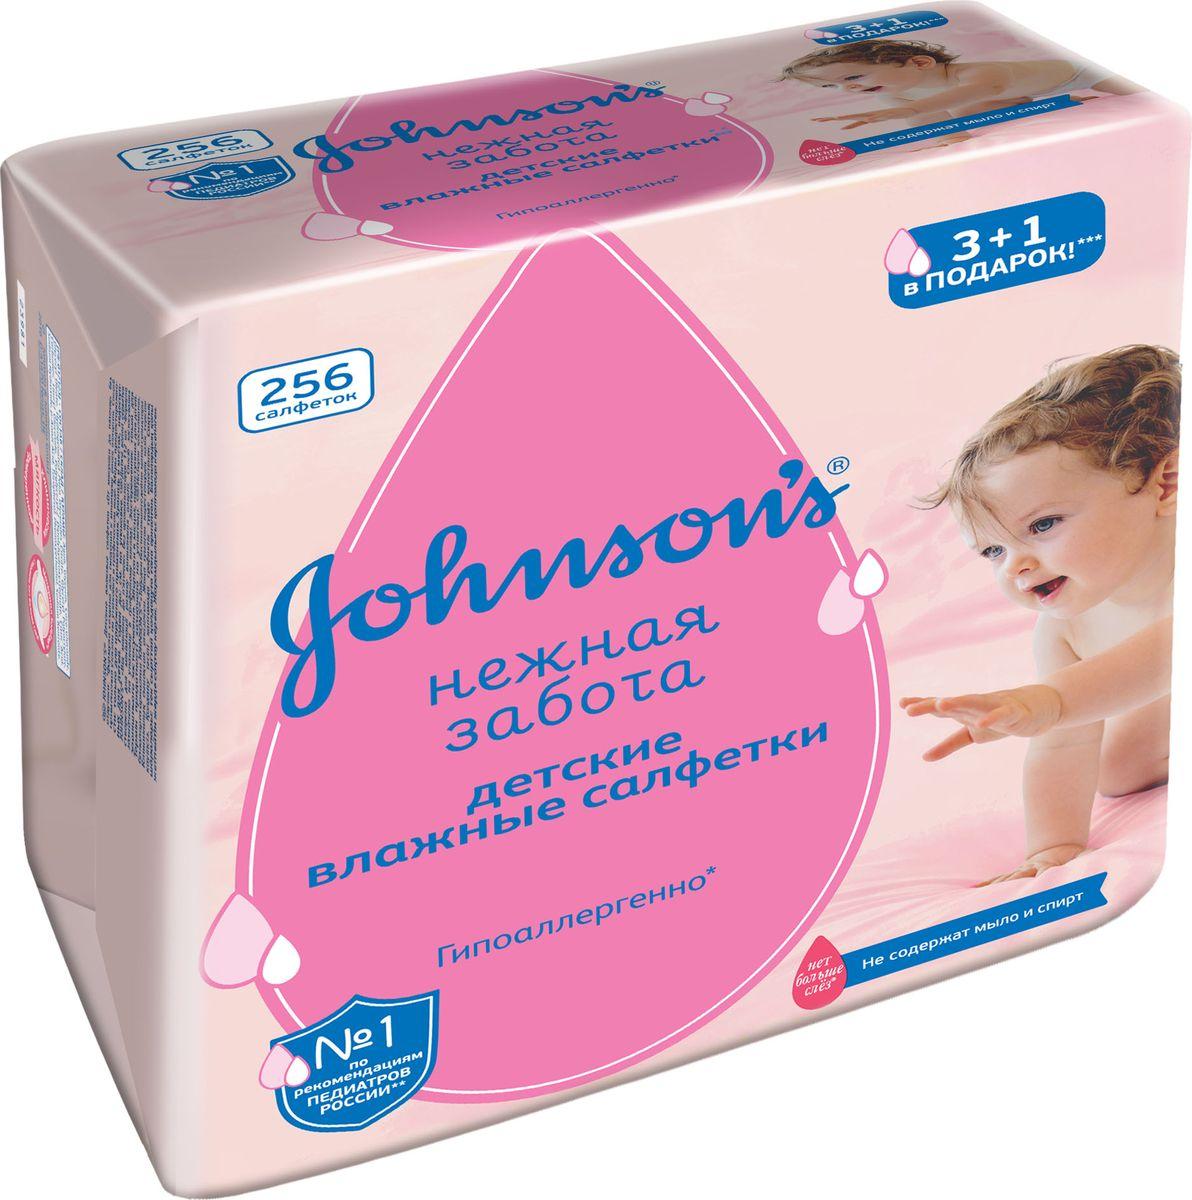 Johnsons Детские салфетки Нежная забота, 256 штSatin Hair 7 BR730MNВлажные салфетки Johnsons baby Нежная забота созданы специально для ухода и нежного очищения детской кожи. Они очищают детскую кожу настолько деликатно, что их можно использовать даже для чувствительной области вокруг глаз. Салфетки пропитаны очищающим детским лосьоном, на 97% состоящим из чистейшей воды, и содержат ингредиенты натурального происхождения.